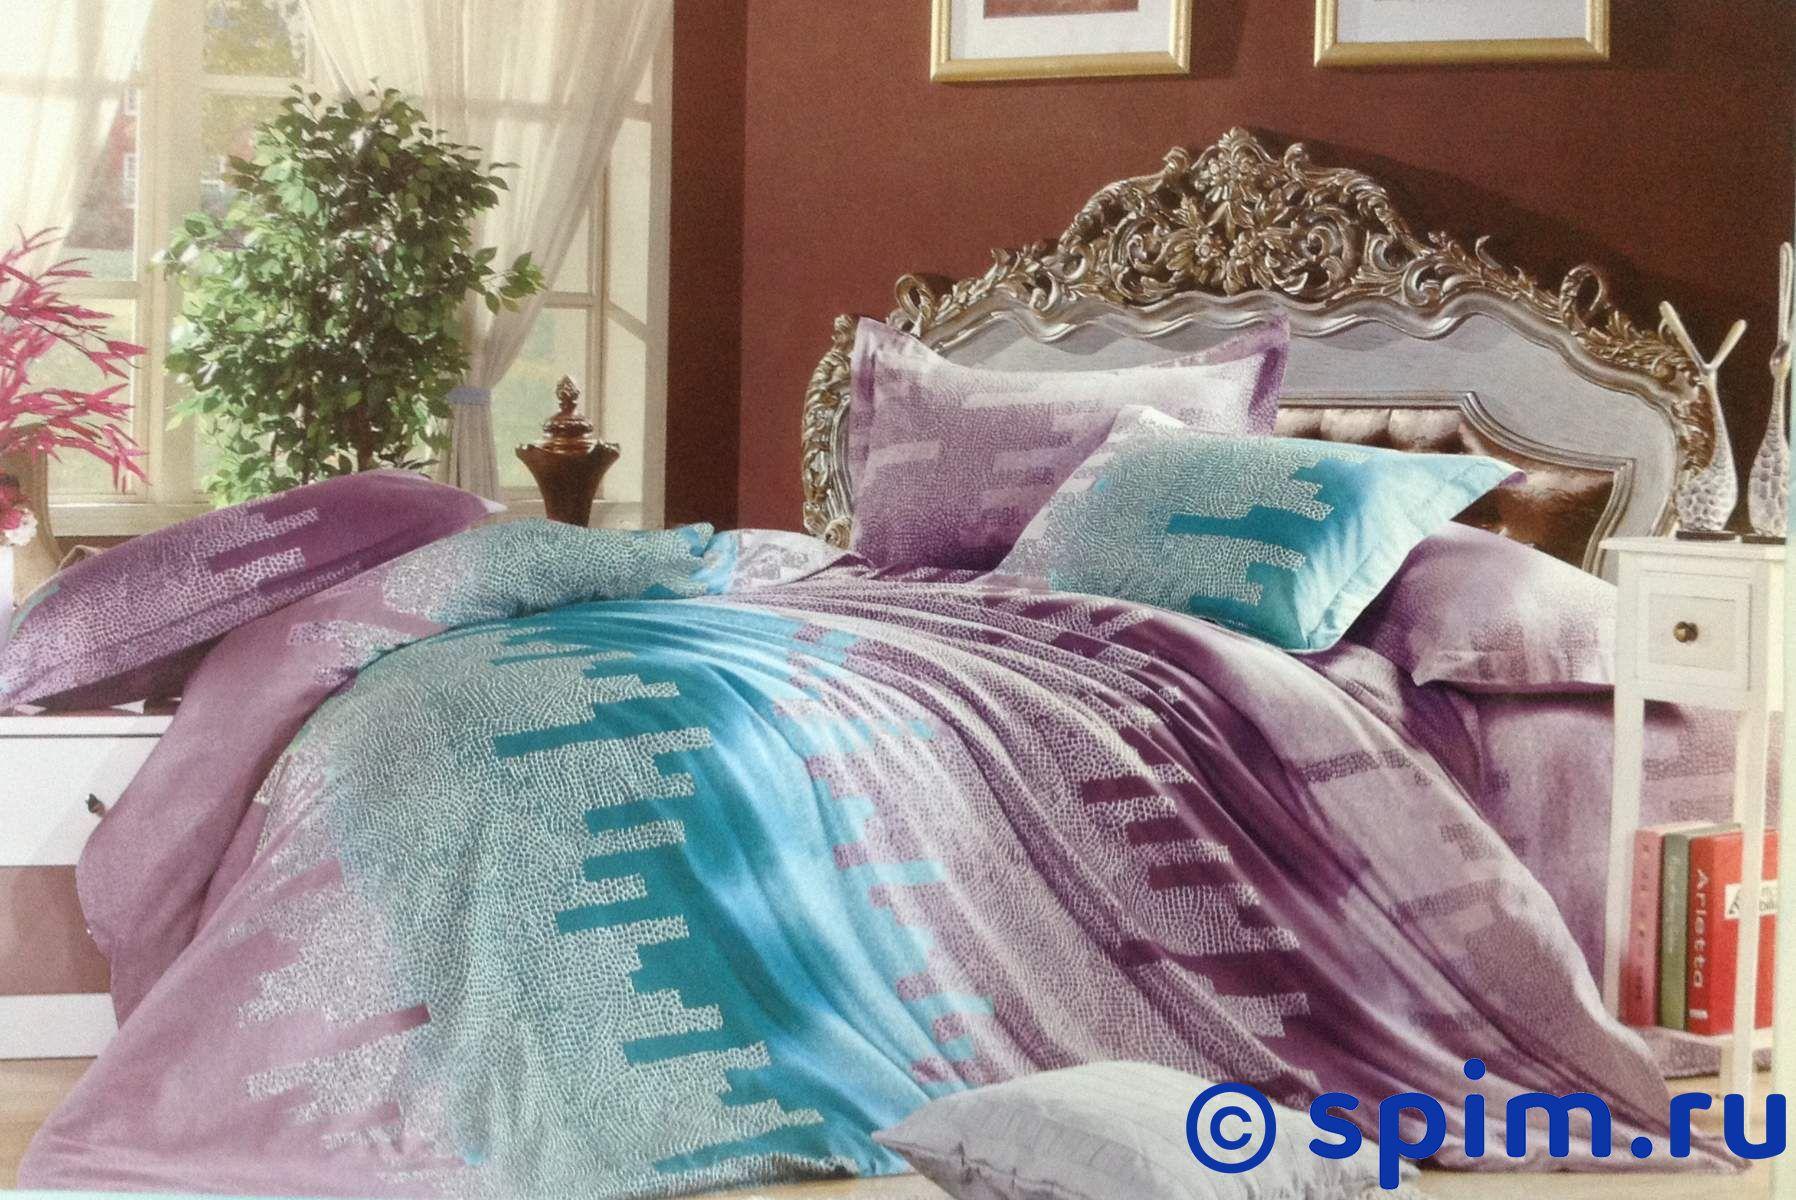 Постельное белье KingSilk Vx-41 1.5 спальное